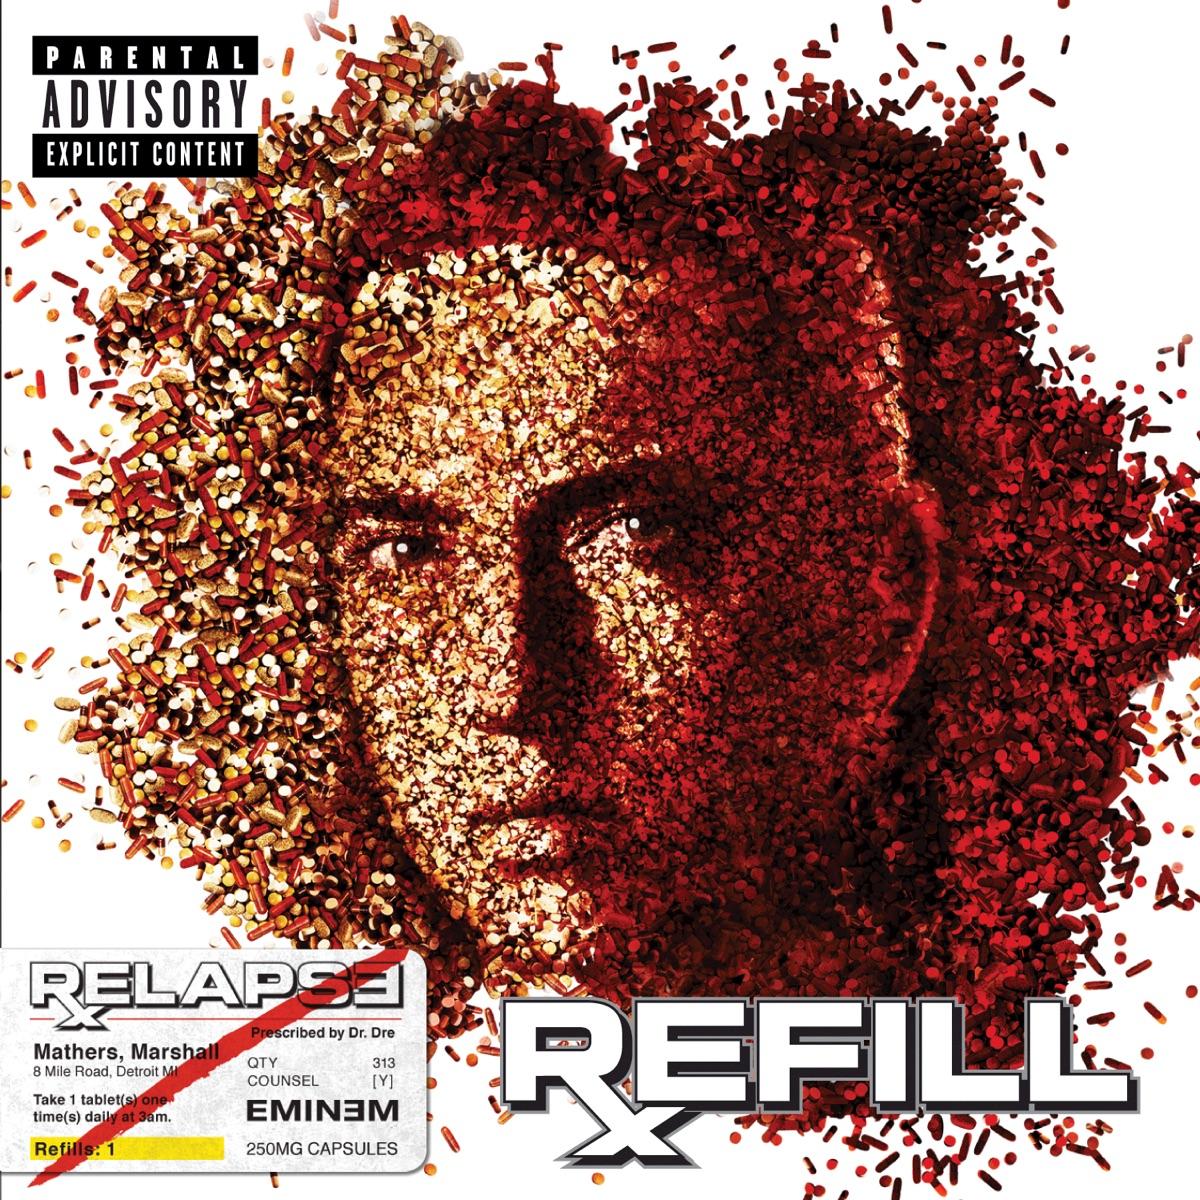 Relapse Refill Eminem CD cover